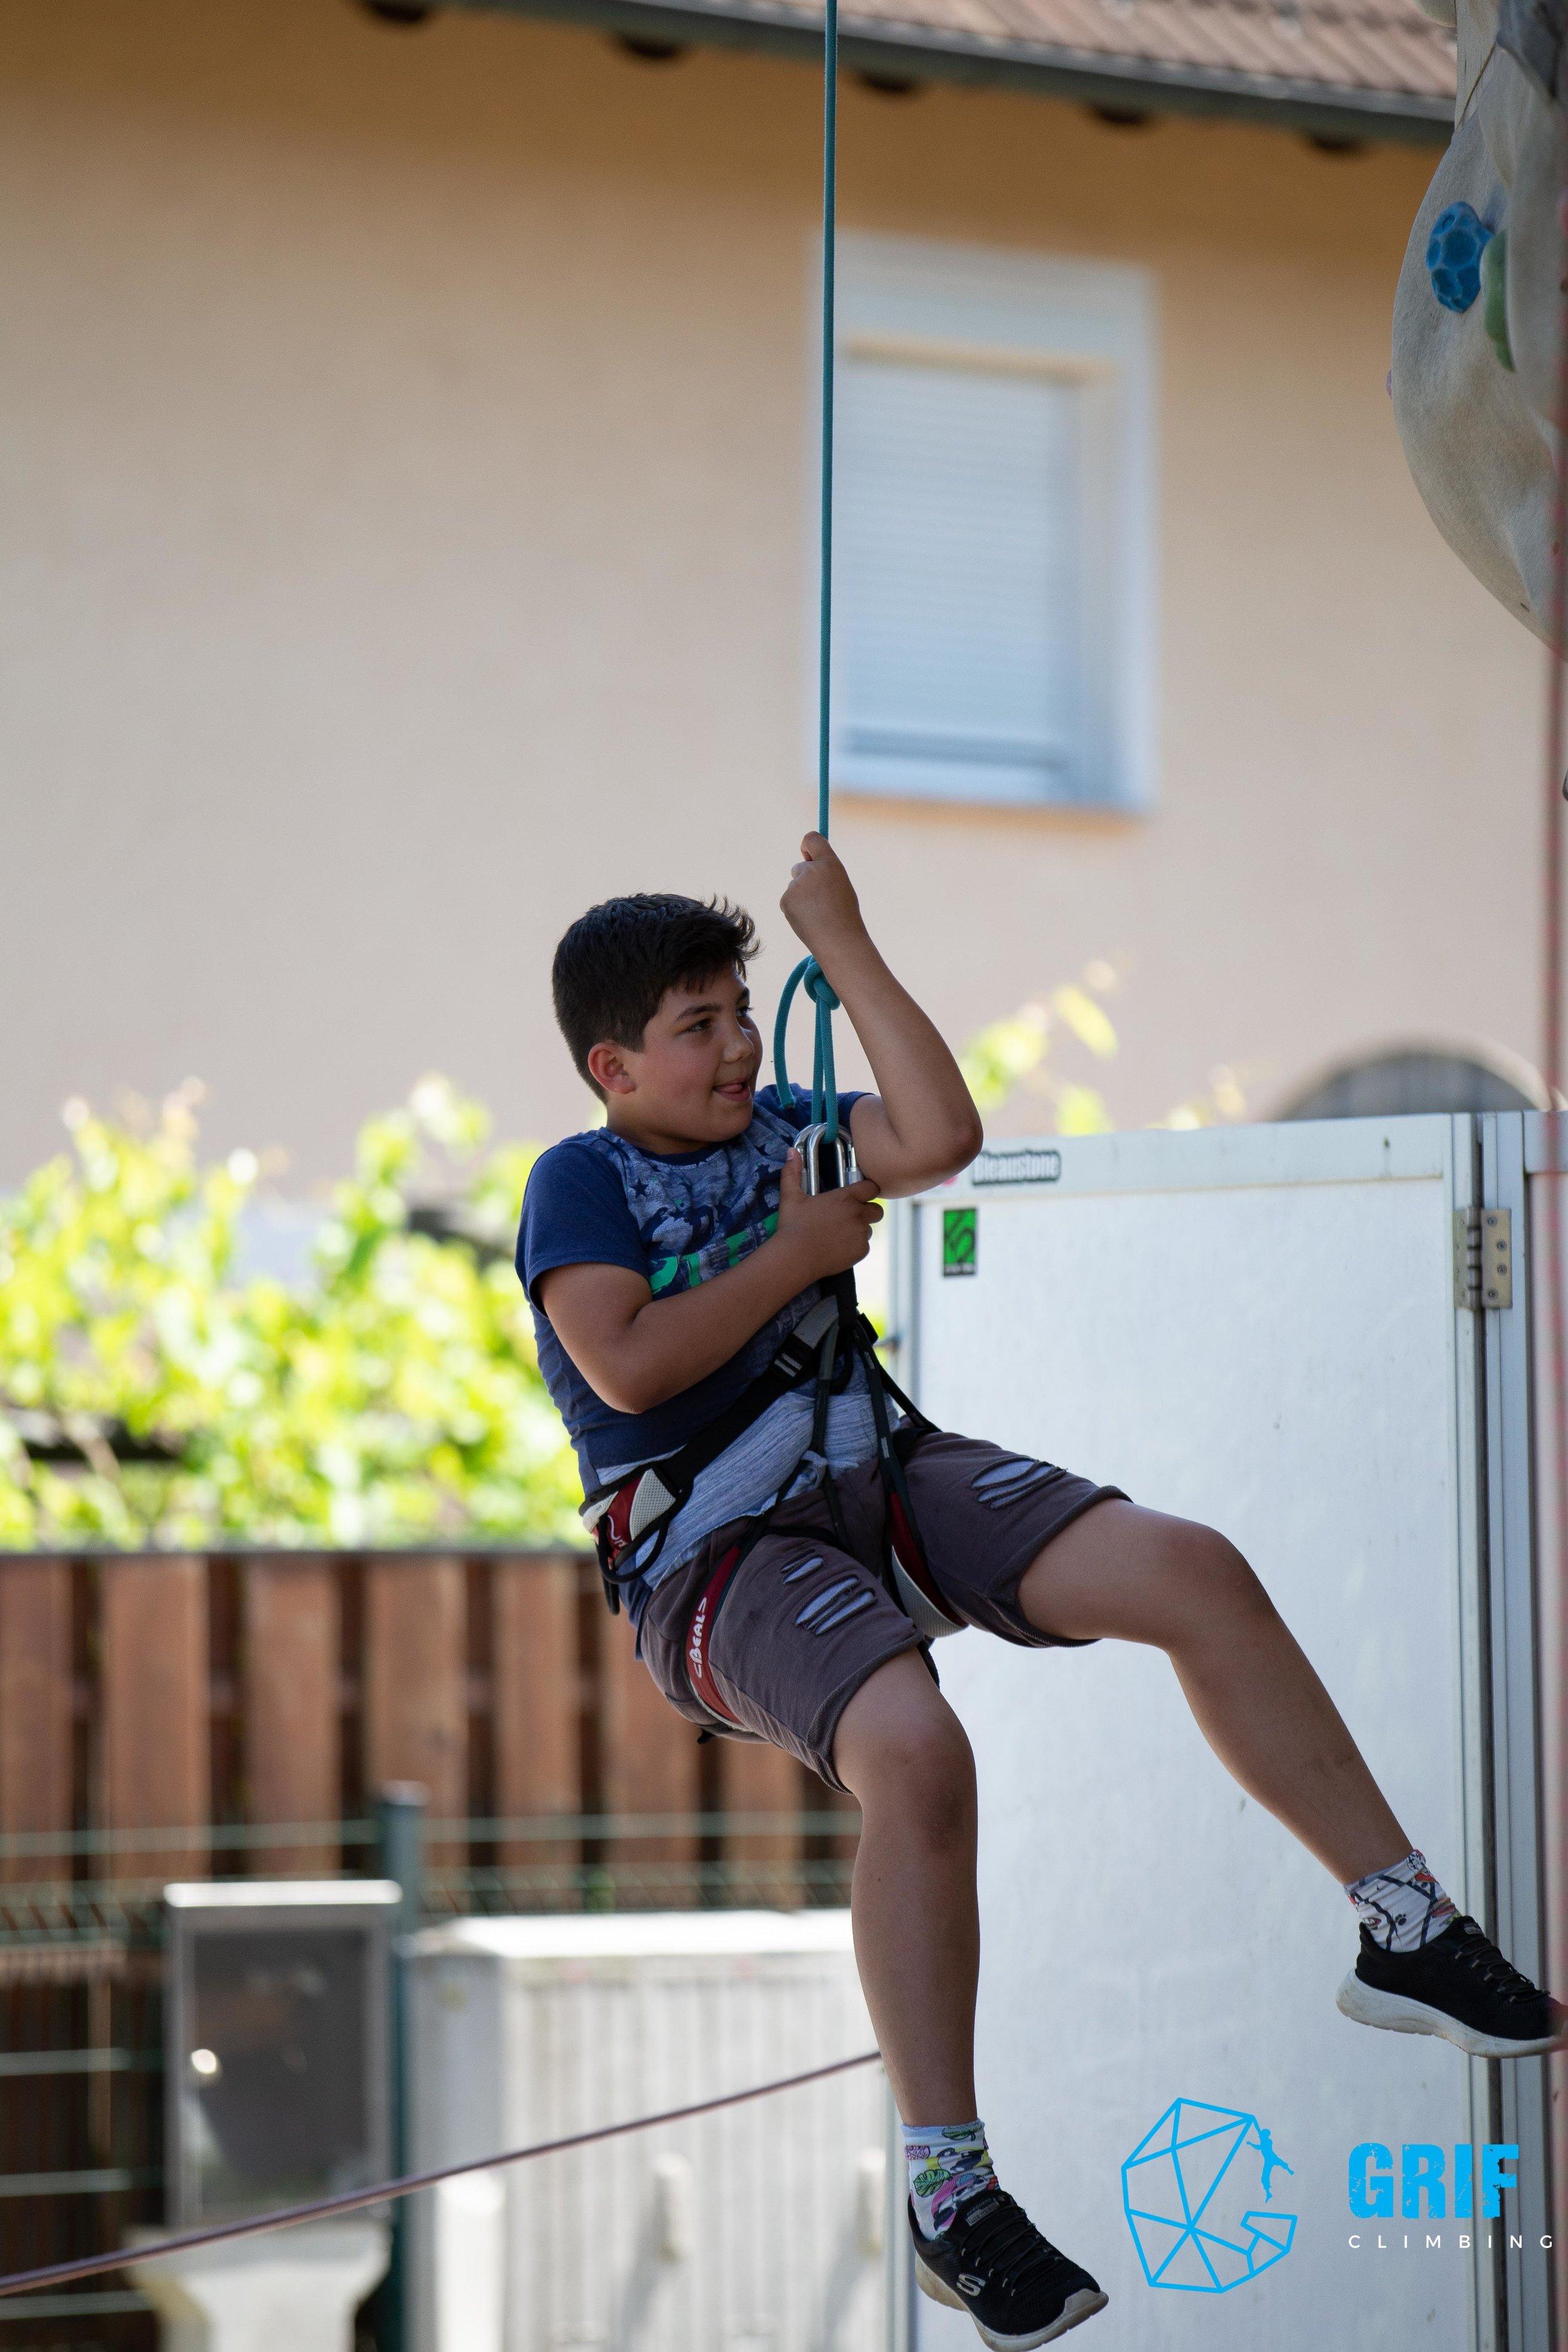 Aktivno počitniško varstvo za otroke Plezalno društvo Grif163.jpg